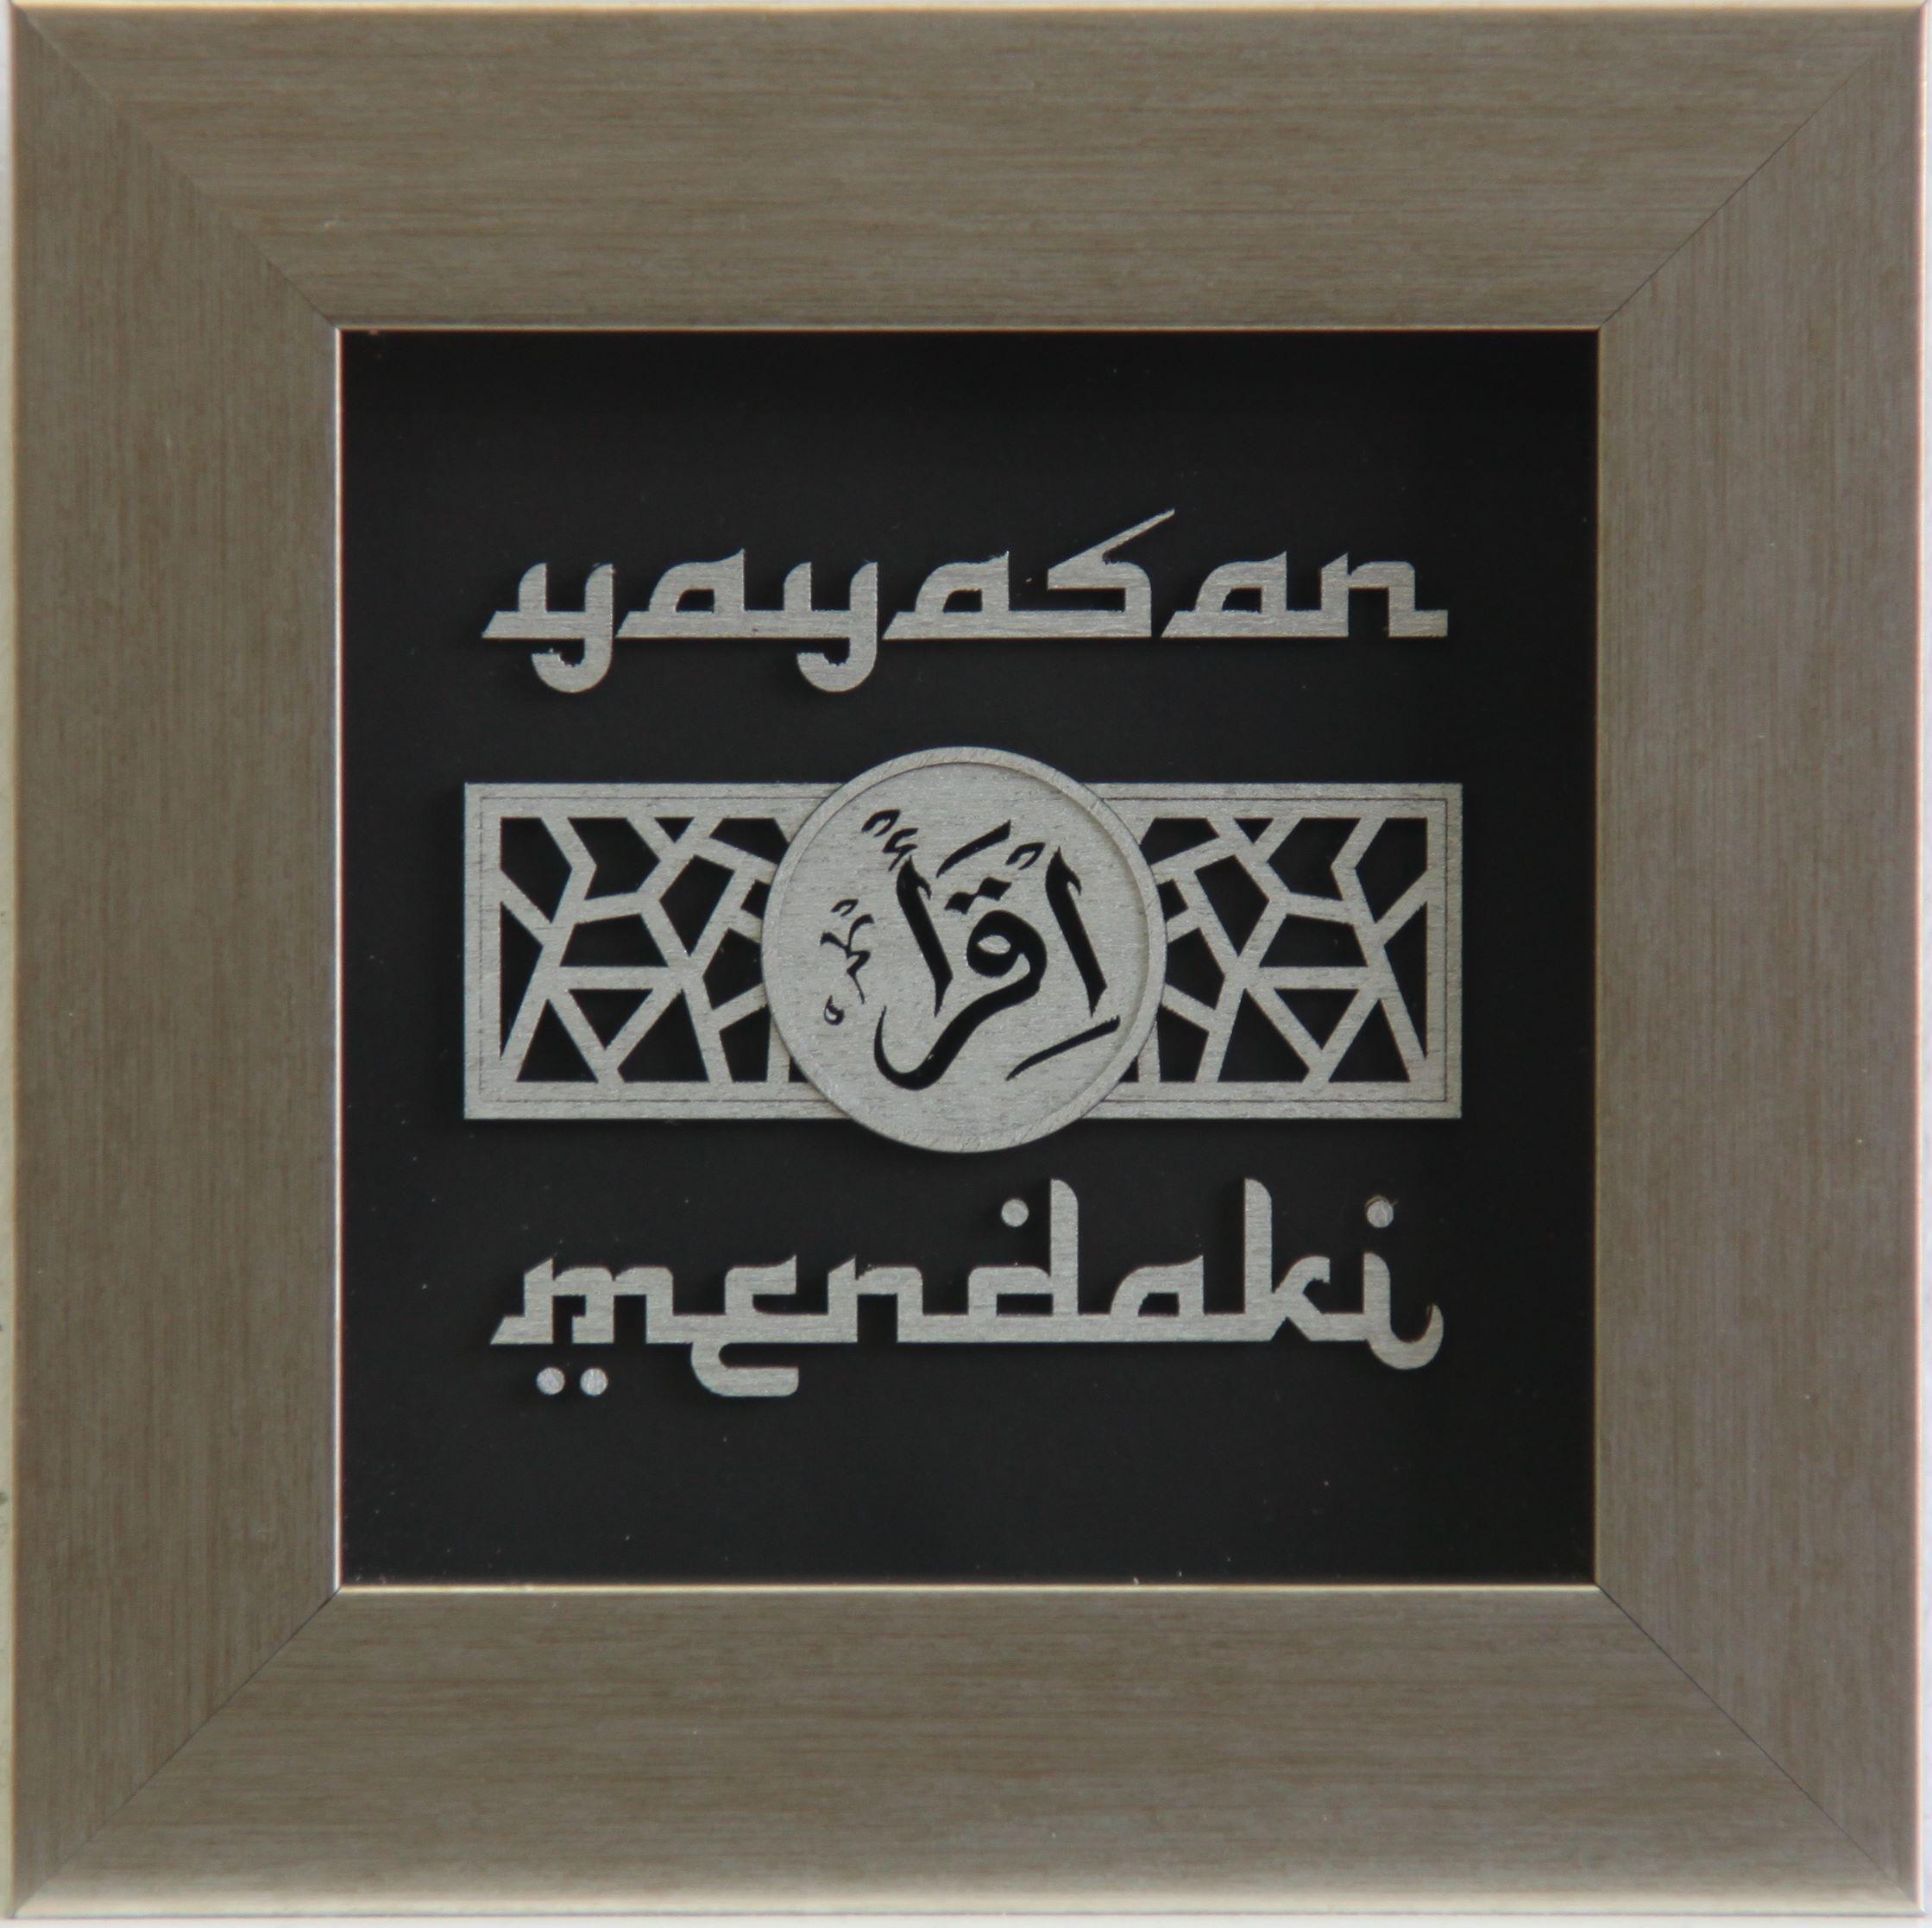 2D Framed Art Piece